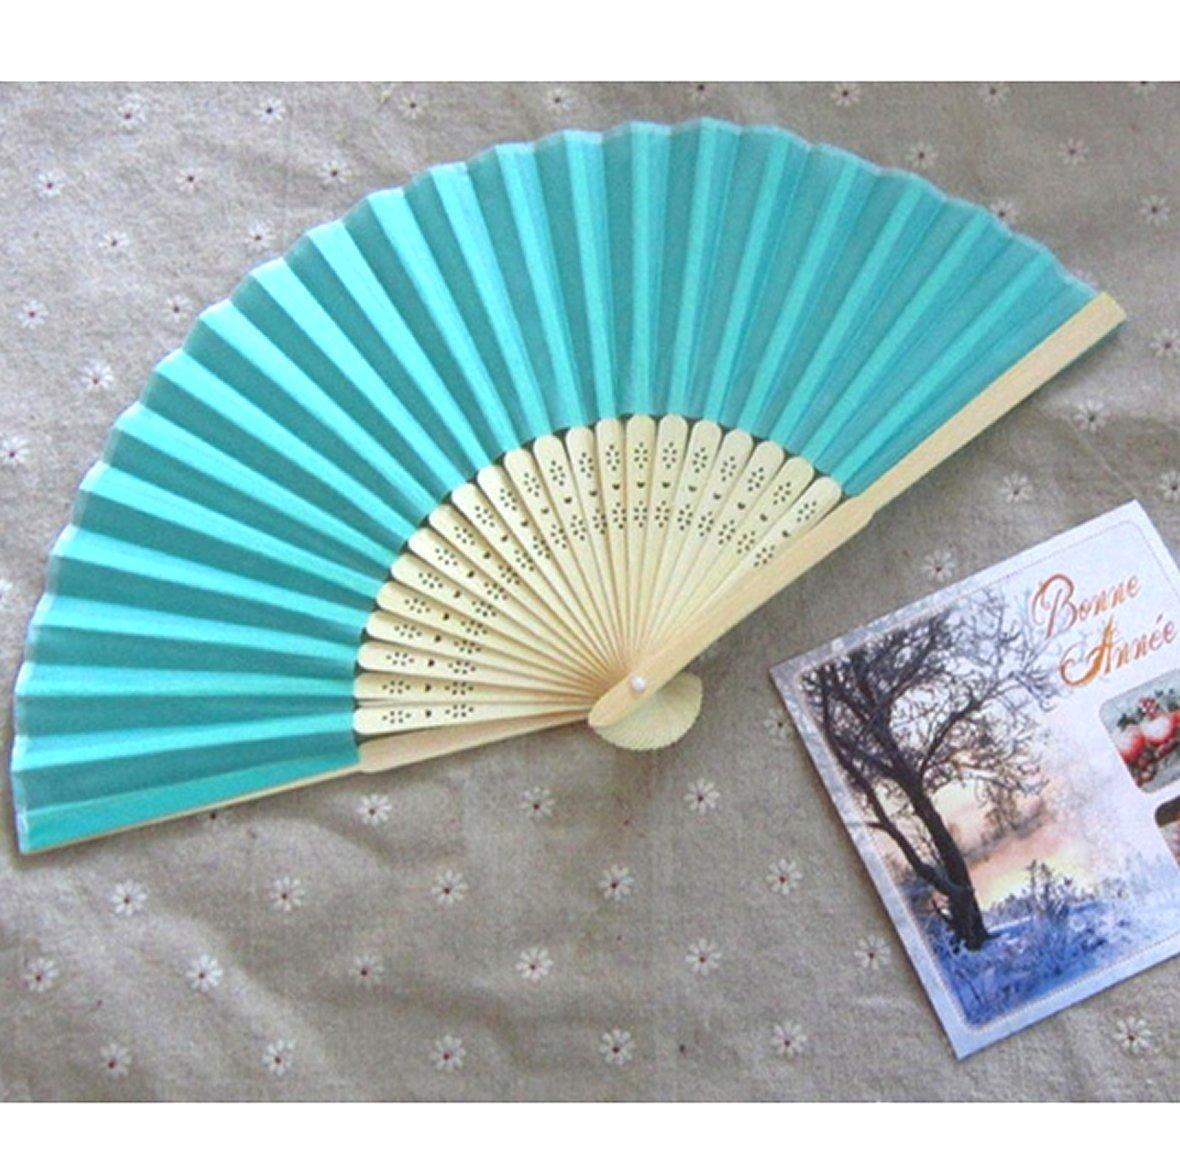 Calcifer® 100 lot Bambus Rippen Hochzeit Papier Fans Crafts Hochzeitsgastgeschenke niedliche Party Geschenk himmelblau himmelblau